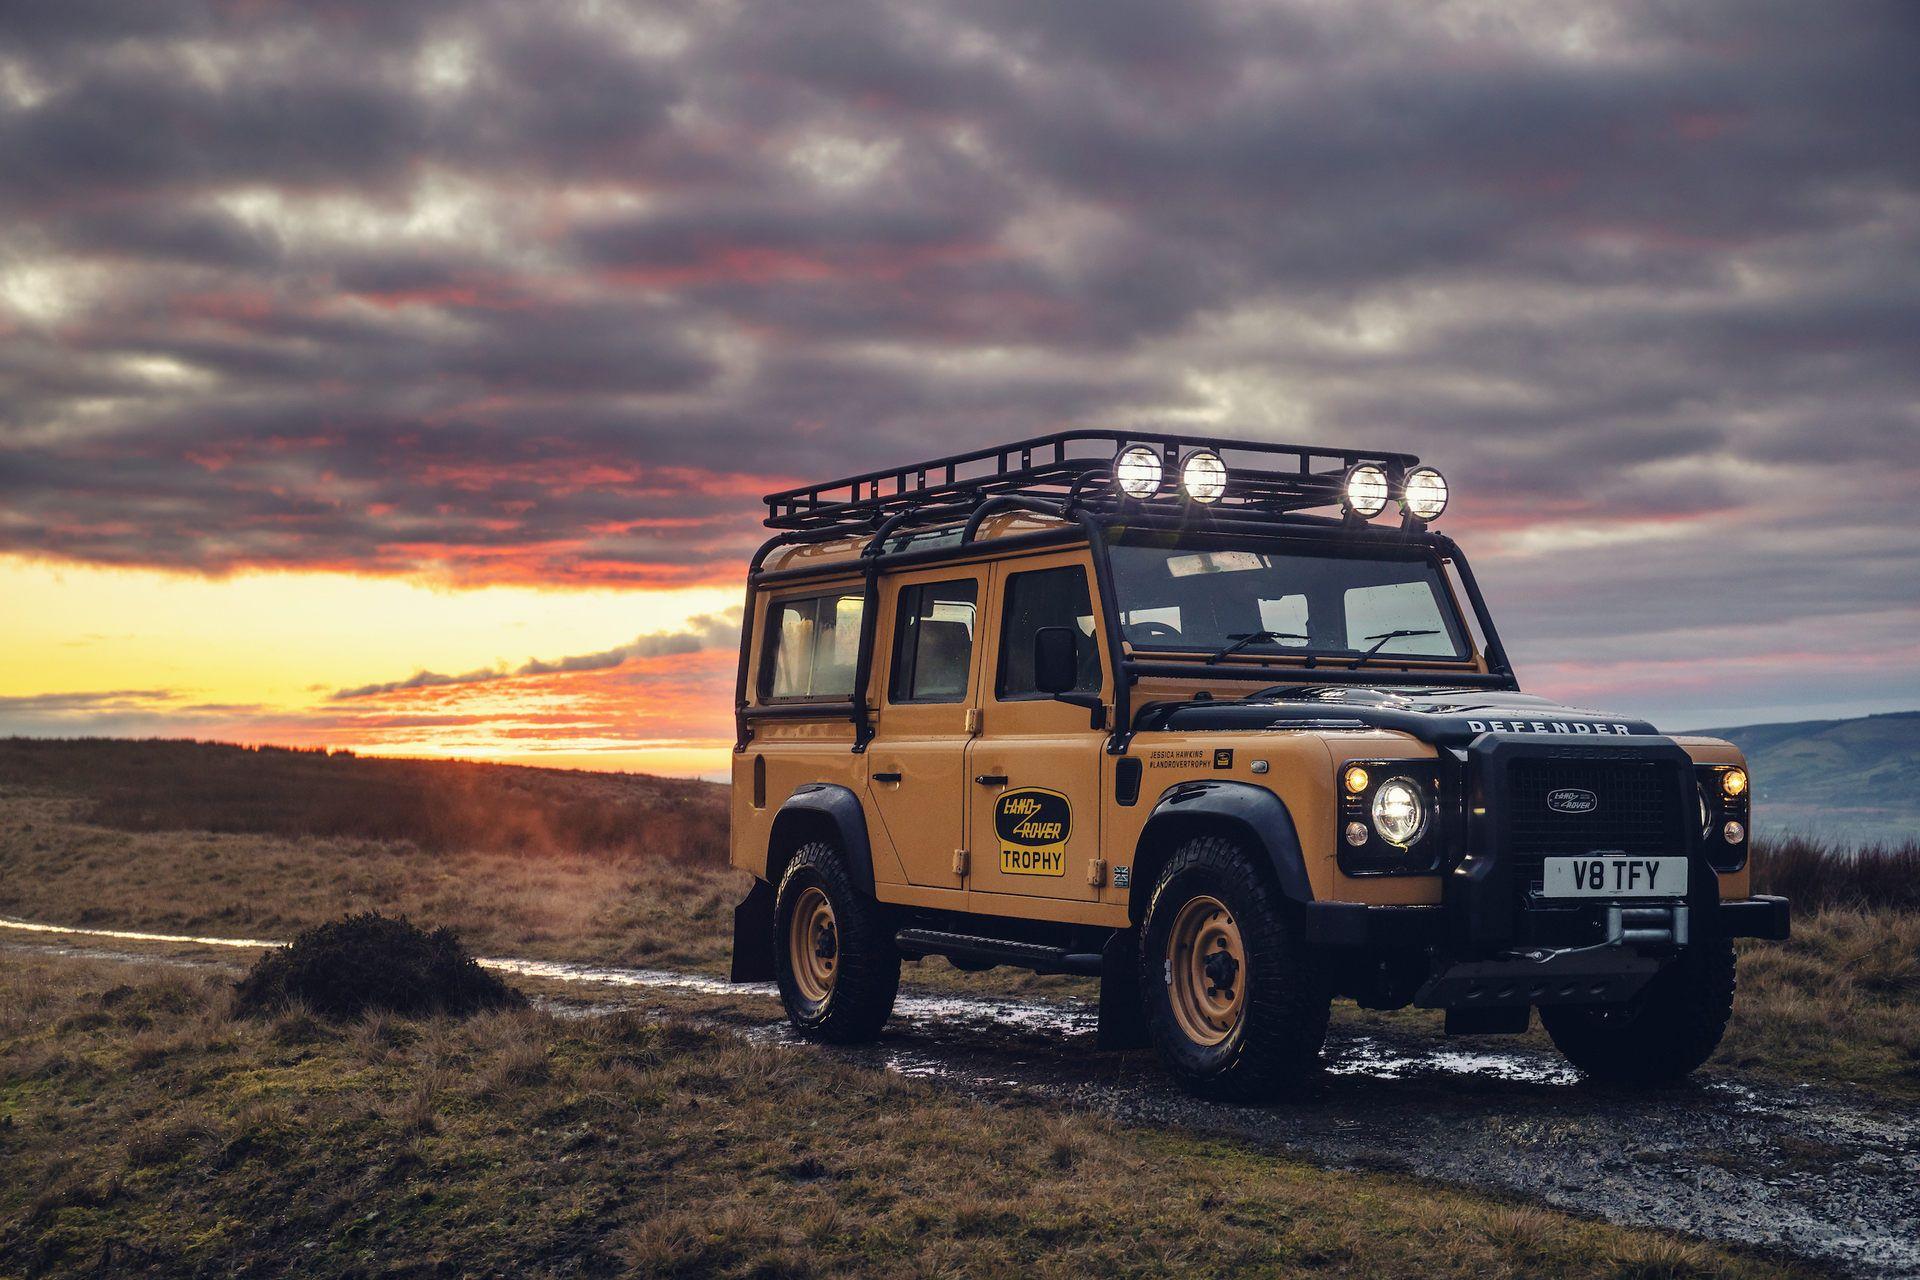 Land-Rover-Defender-Works-V8-Trophy-2